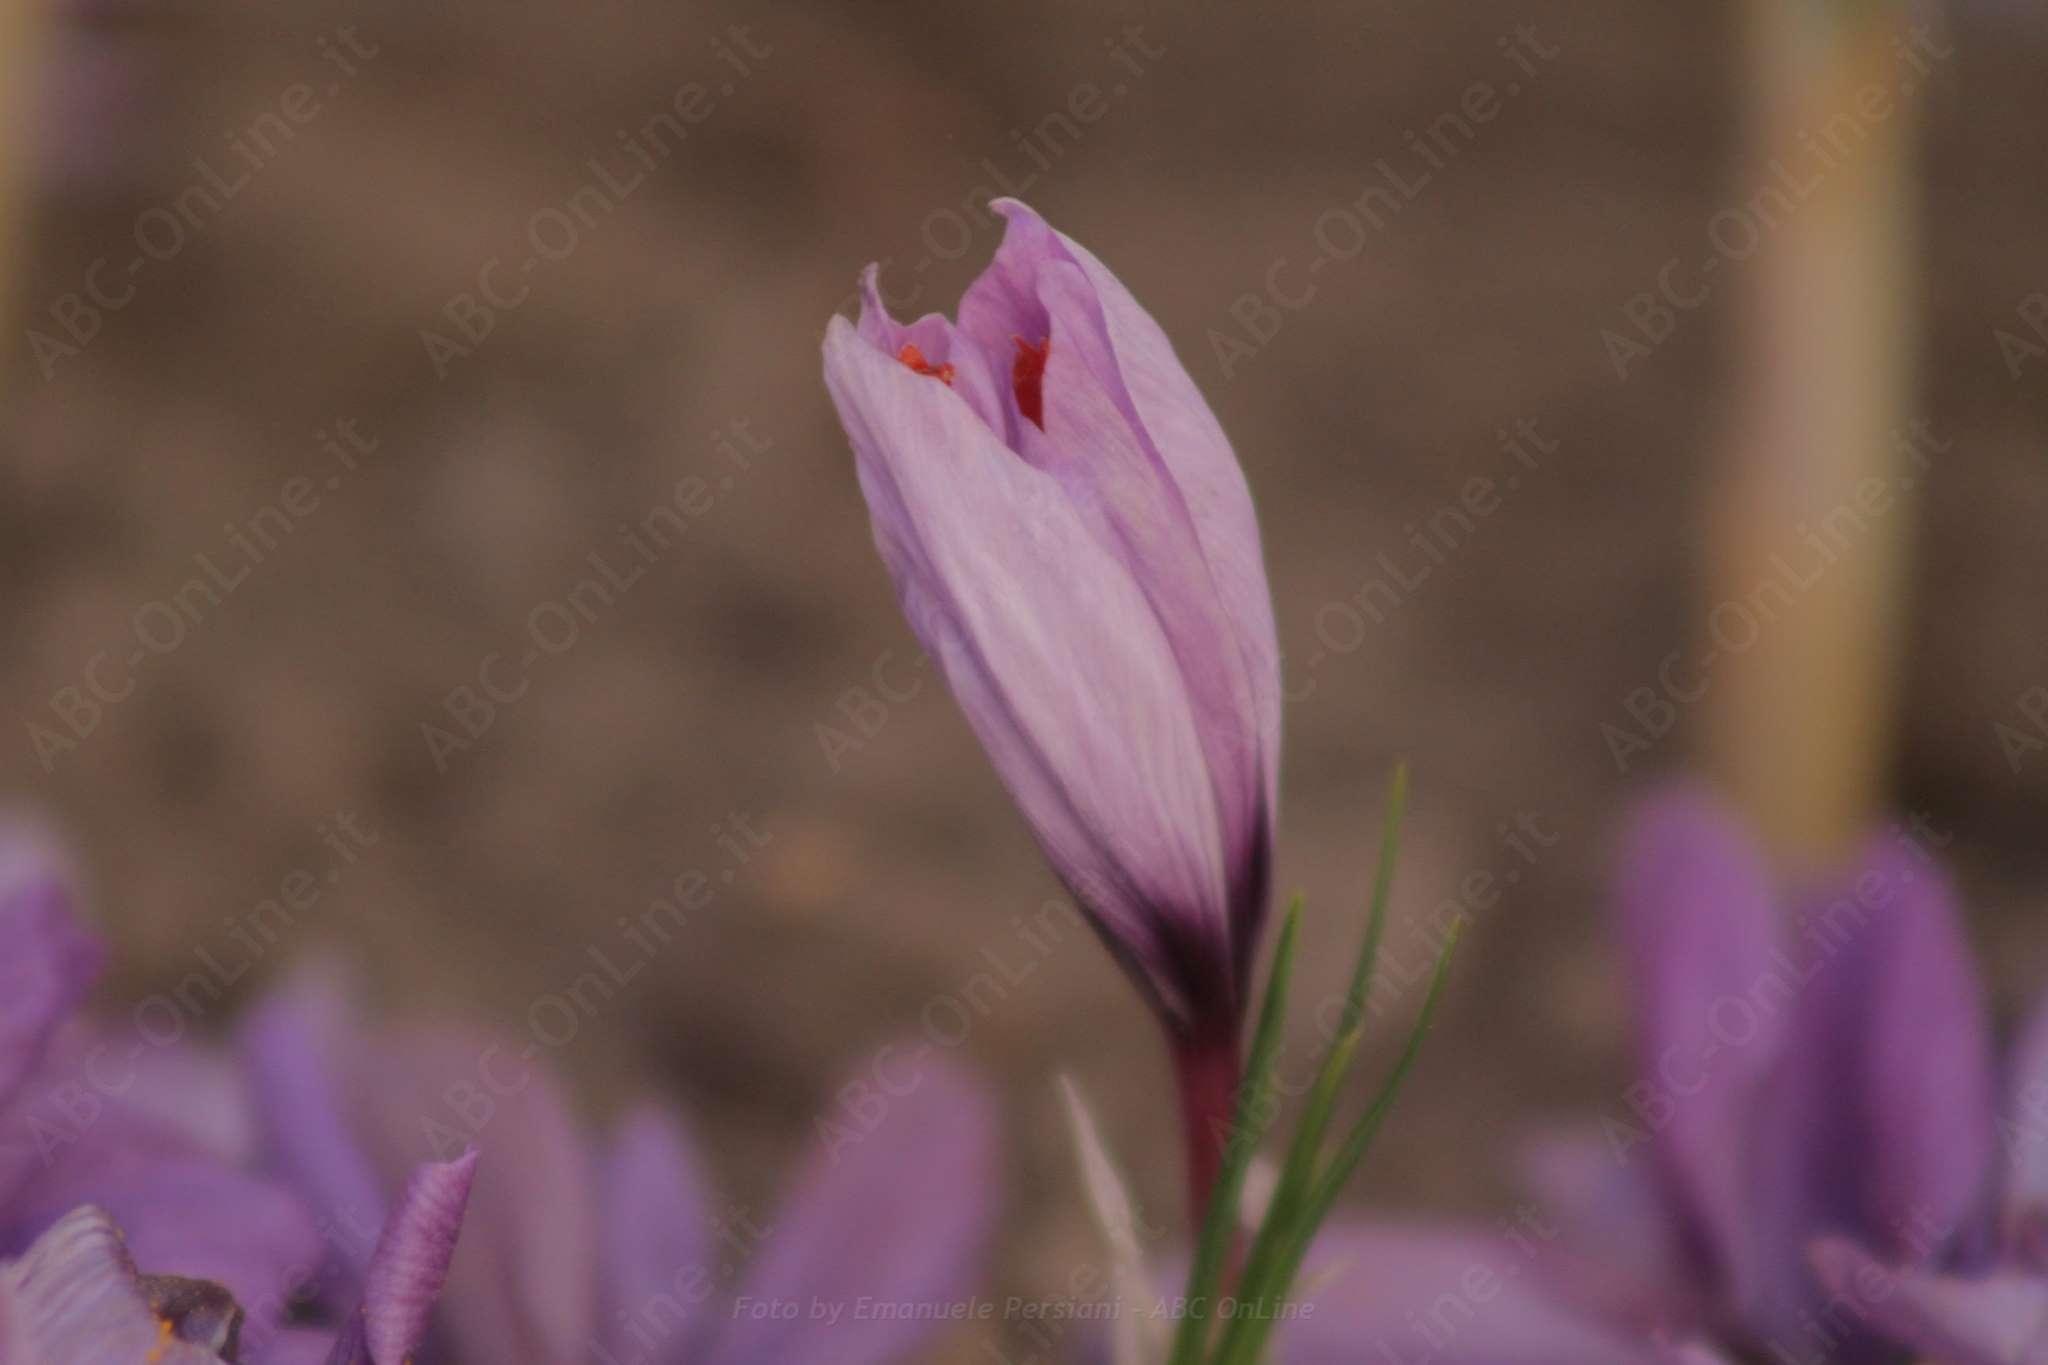 fiore di zafferano quasi chiuso